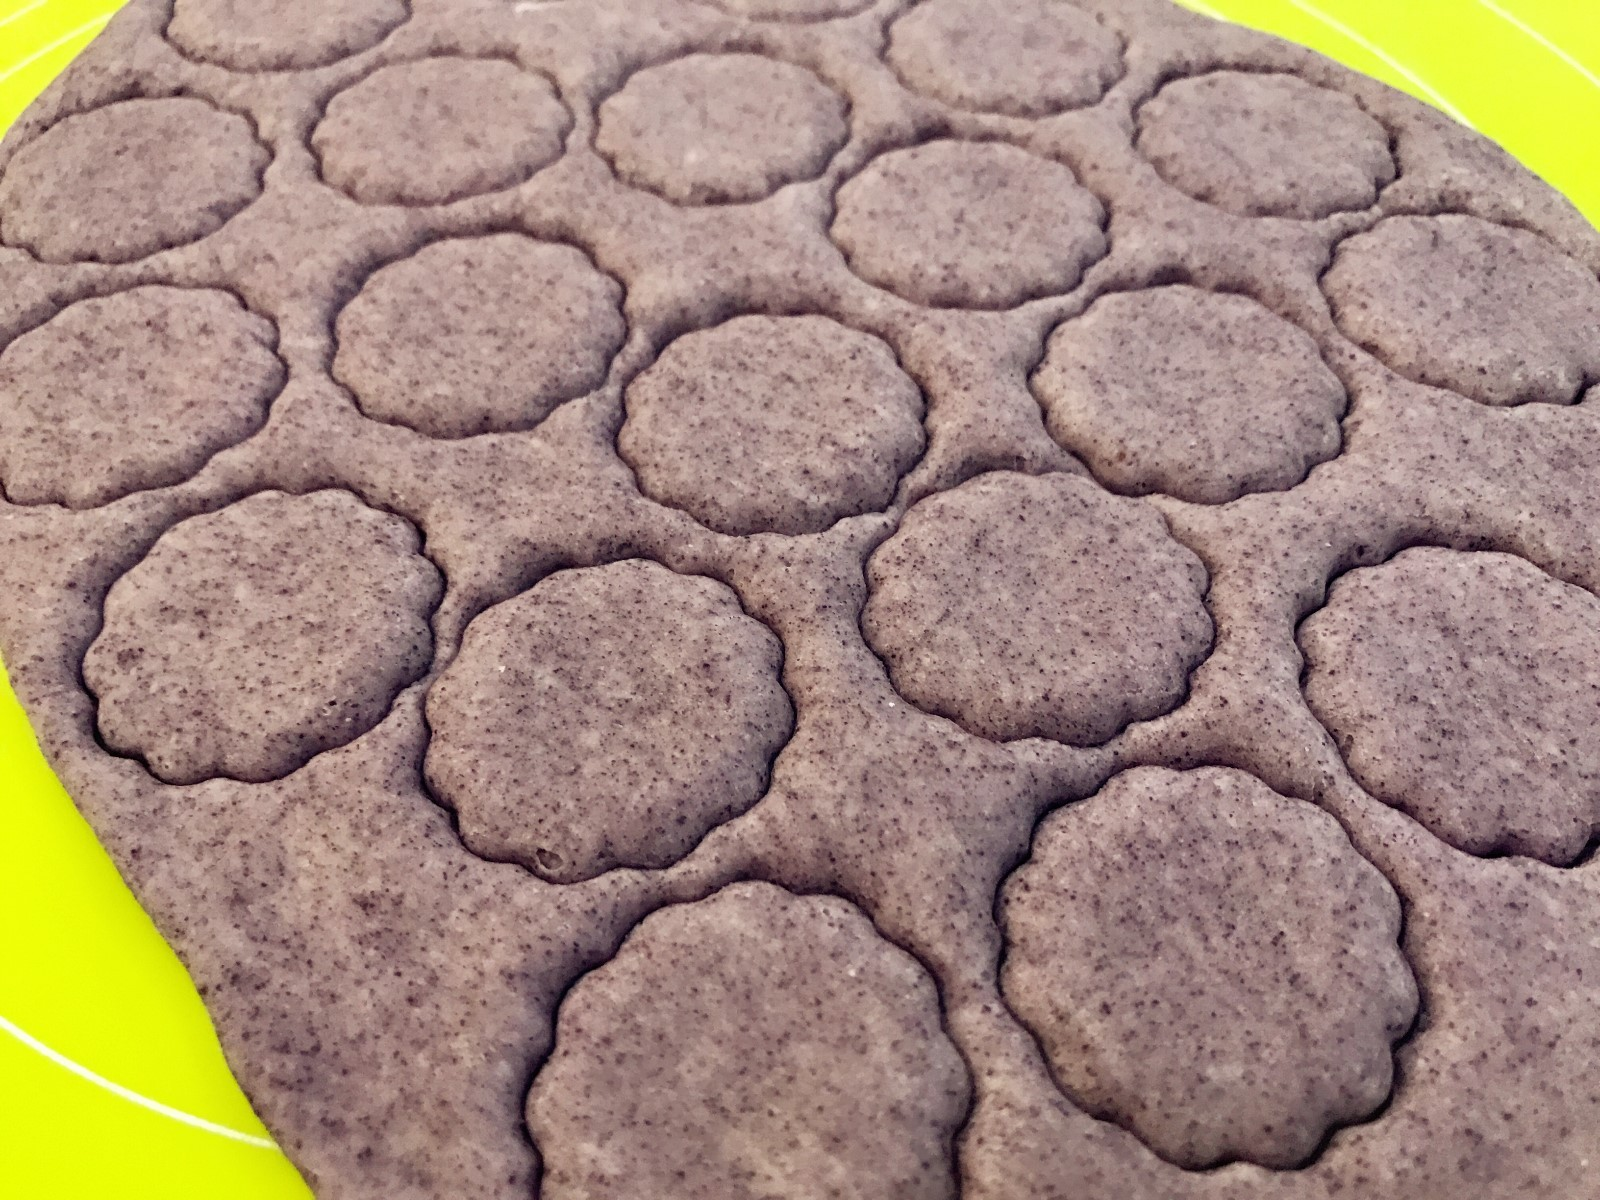 宝宝辅食:黑米馒头-12M+ ,取出面团,简单搓揉,然后将面团擀成0.3-0.5cm左右厚度,用饼干模具直接压扣成你想要的形状。</p> <p>》这一步大家可根据自身情况调整,没有饼干模具的用一些容器的盖子之类的都可以压扣,或者直接用刀切成其他形状。</p> <p>》简单揉面是为了排气,揉面的过程中面团又会缩小一点,排气后,成品的组织内部大气泡会减少,内部组织会更加美观,口感也会更好。</p> <p>》擀面的时候如果会粘手,案板上撒点面粉,手上抹点面粉,不要太多,一点点就好。